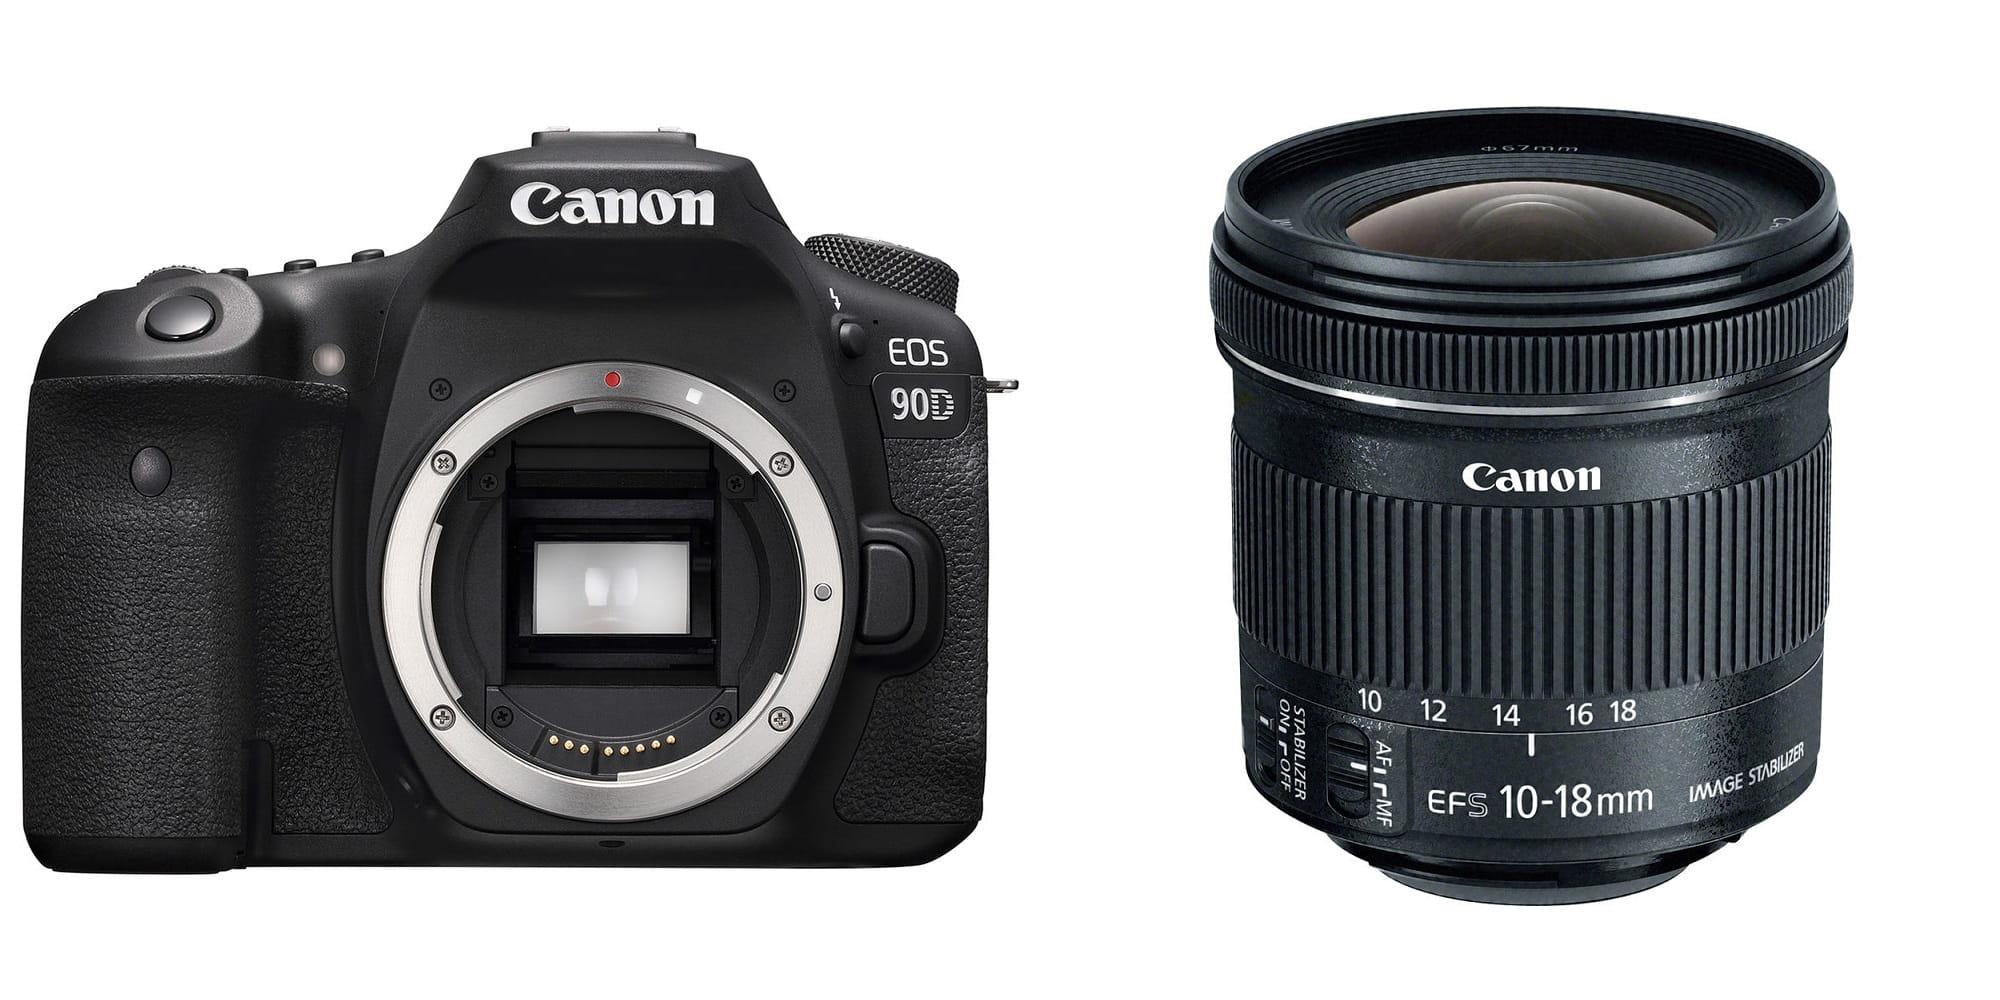 Lustrzanka Canon EOS 90D + EF-S 10-18mm f/4.5-5.6 IS STM